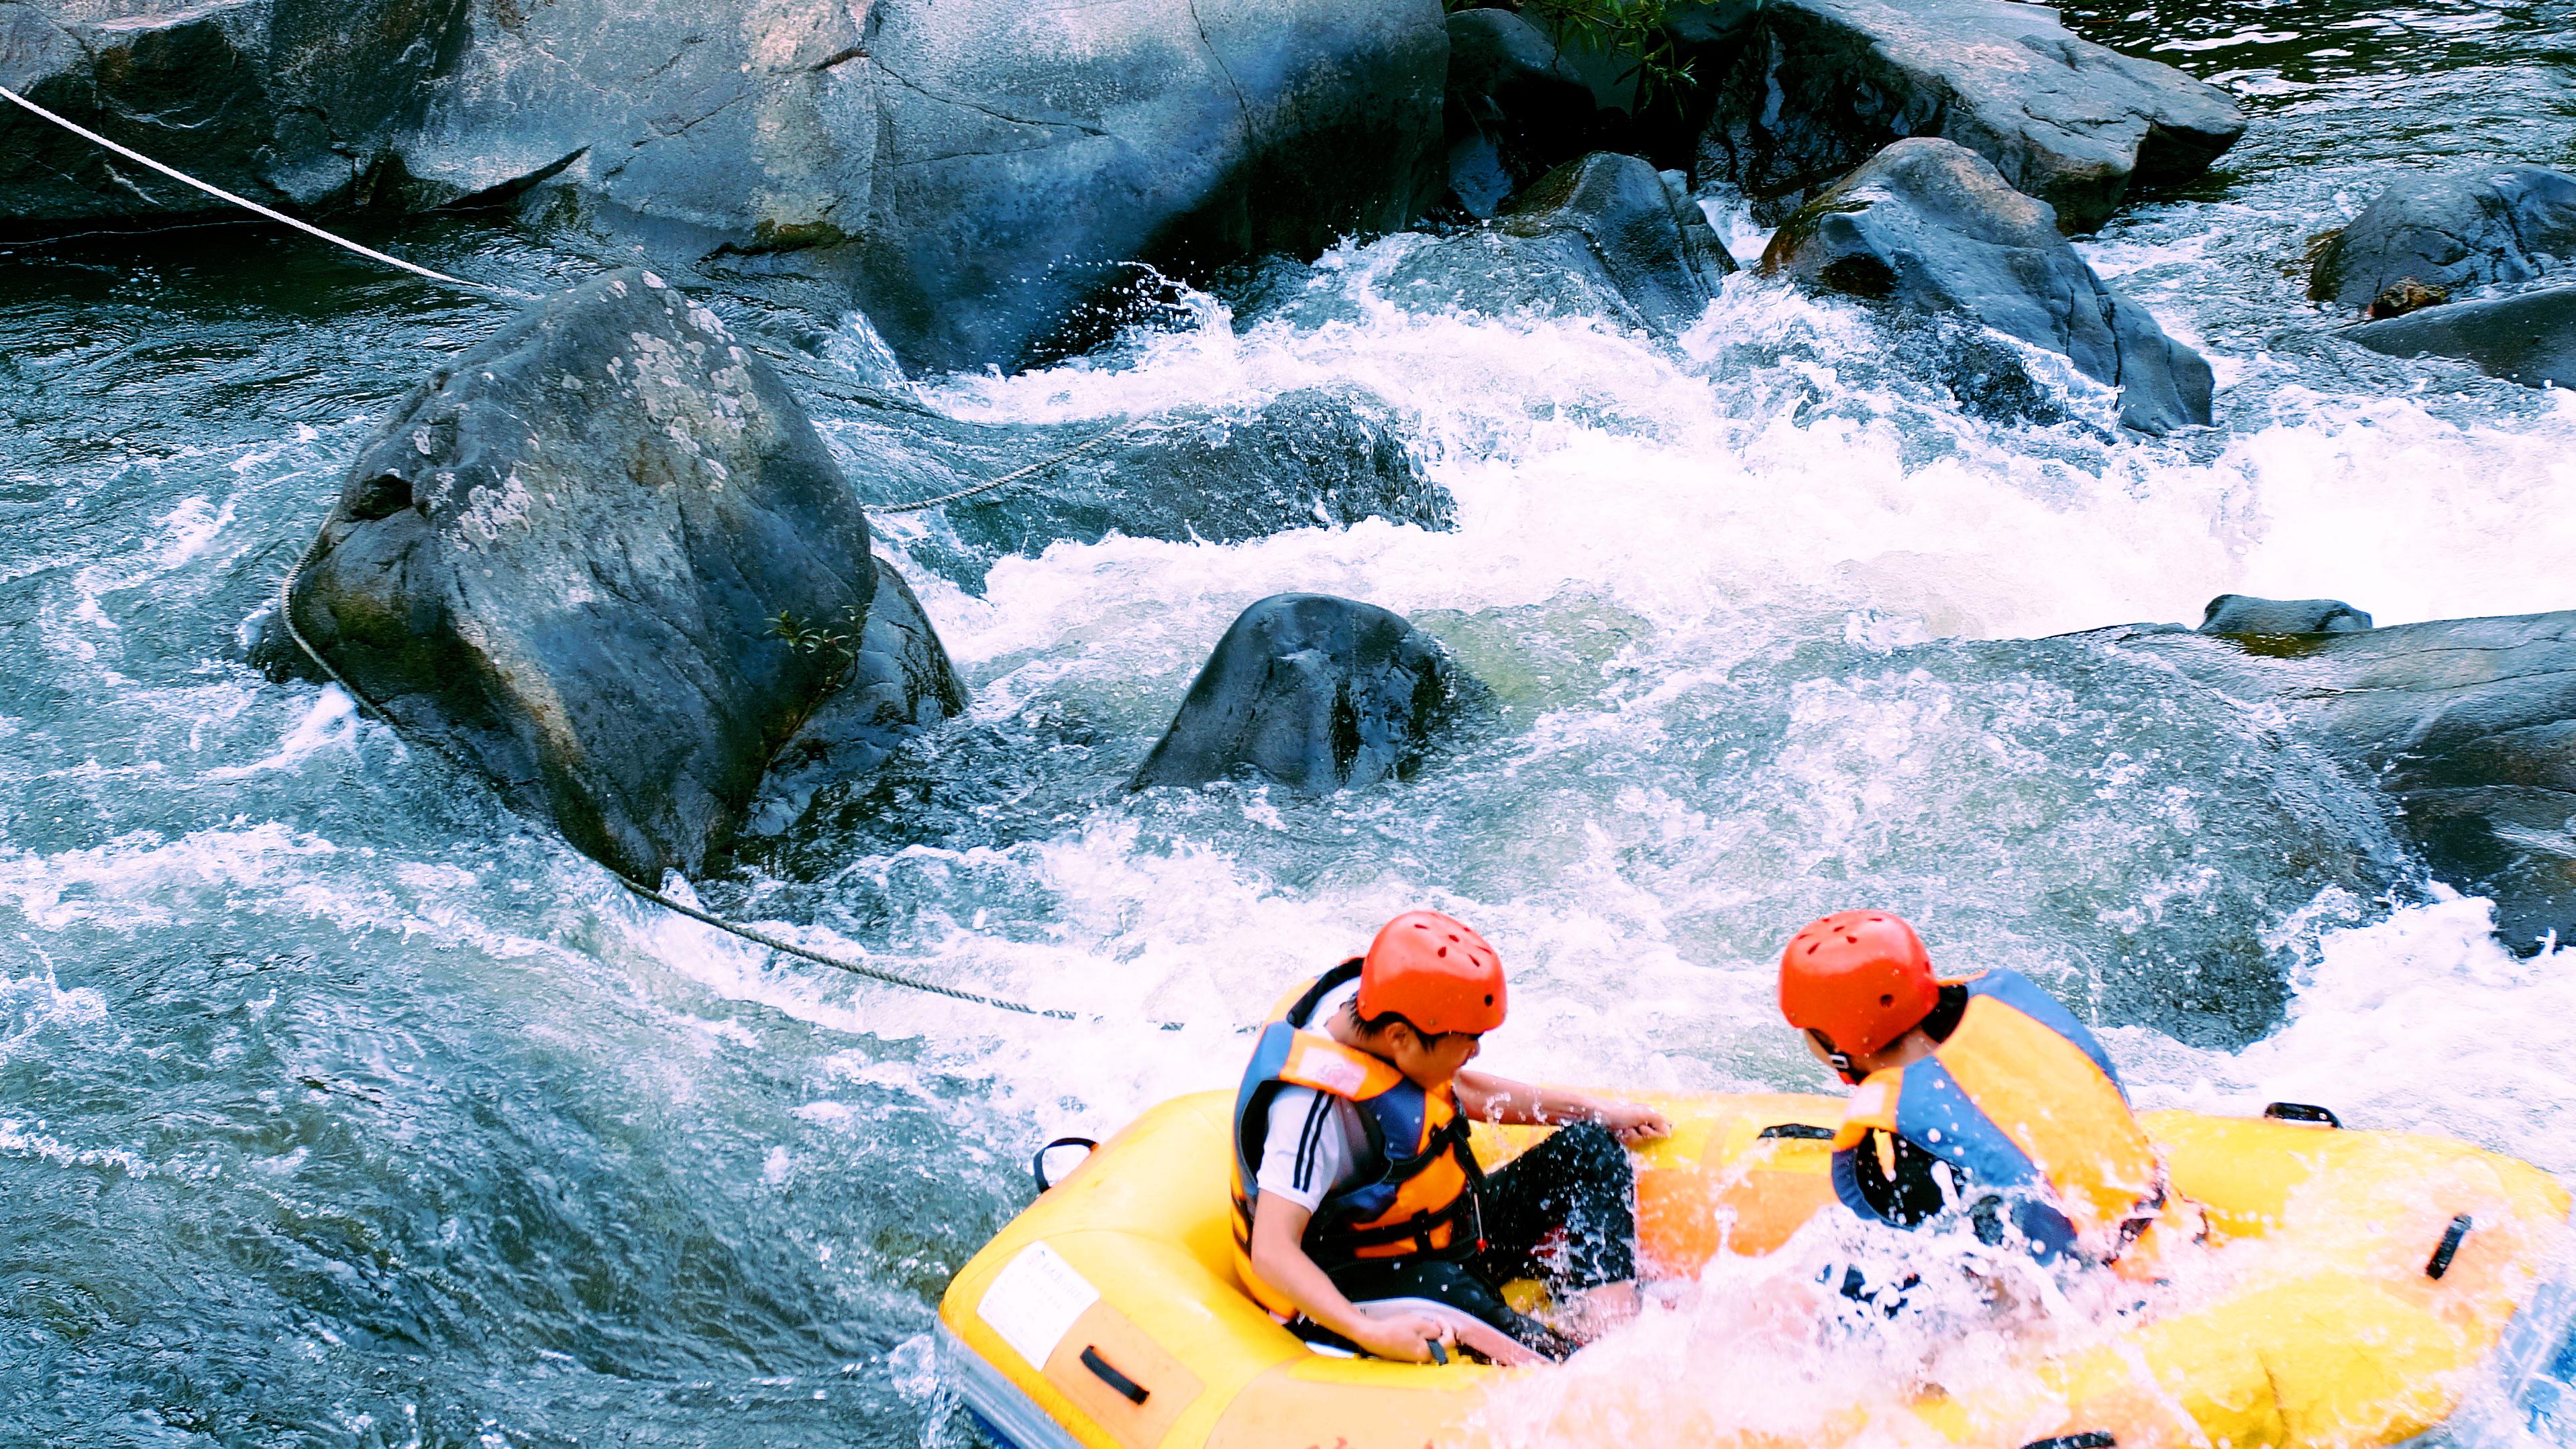 琼中峡漂流体验(空中玻璃漂流 天然峡谷漂流 山水天地